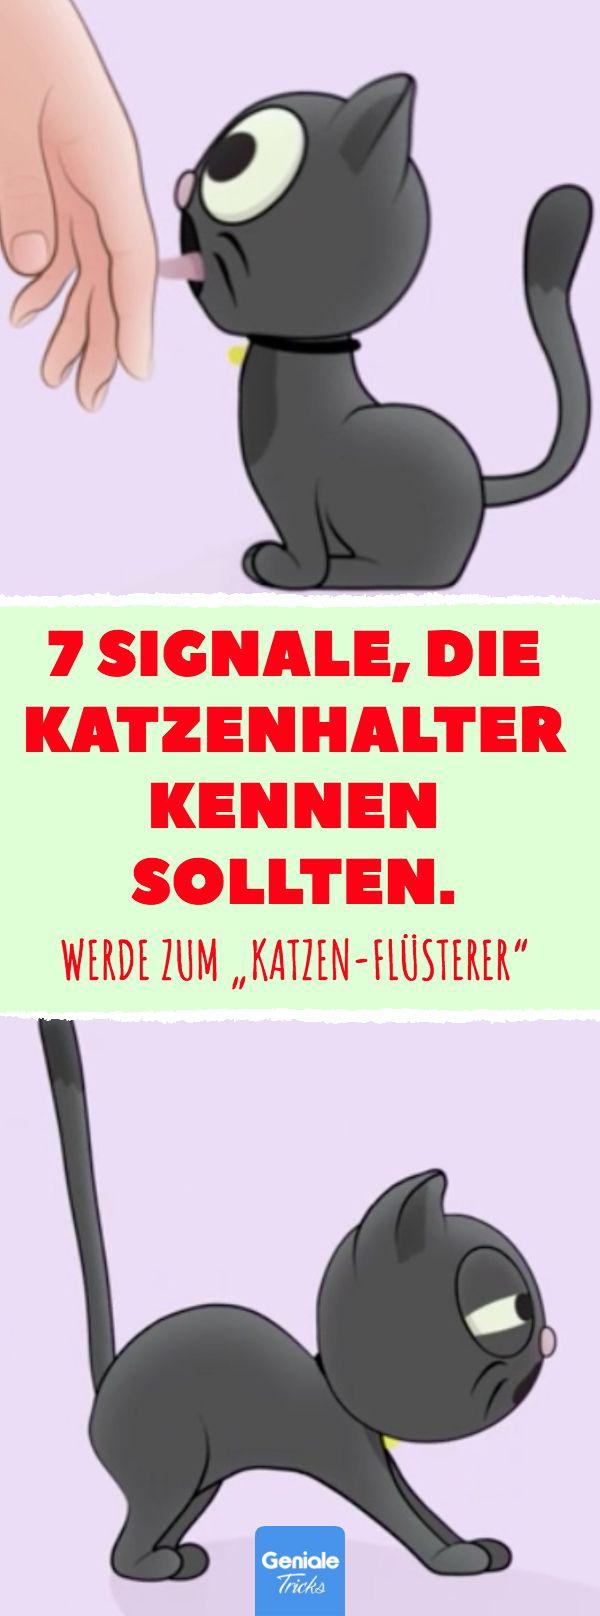 """7 Signale, die Katzenbesitzer kennen sollten. Werde der """"Katzenflüsterer"""". K …"""